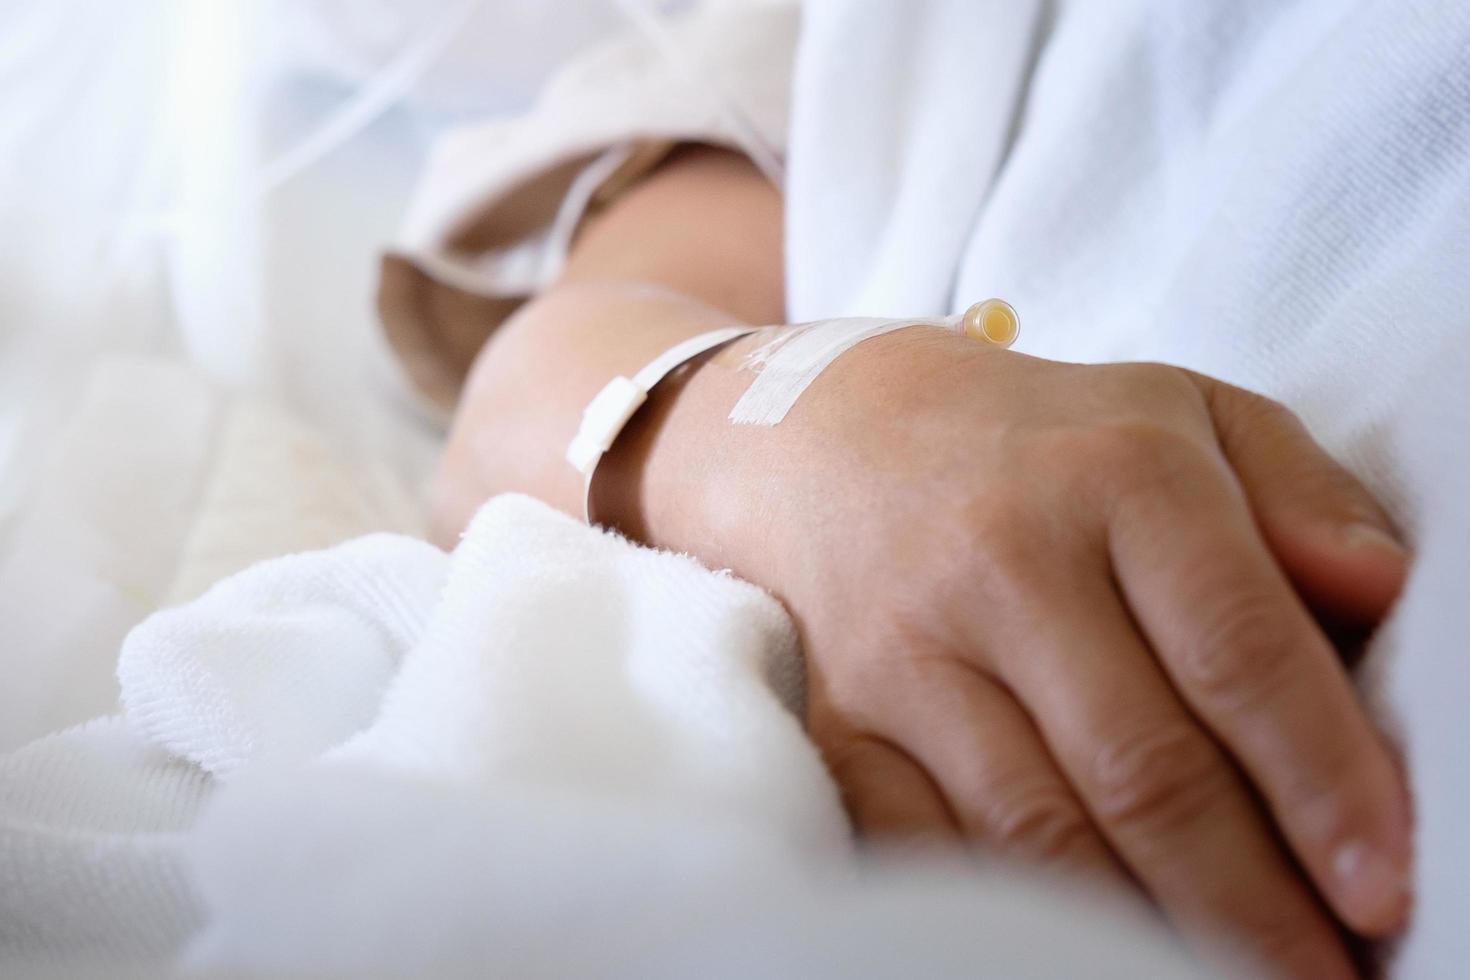 primo piano del tubo endovenoso sulla mano del paziente foto